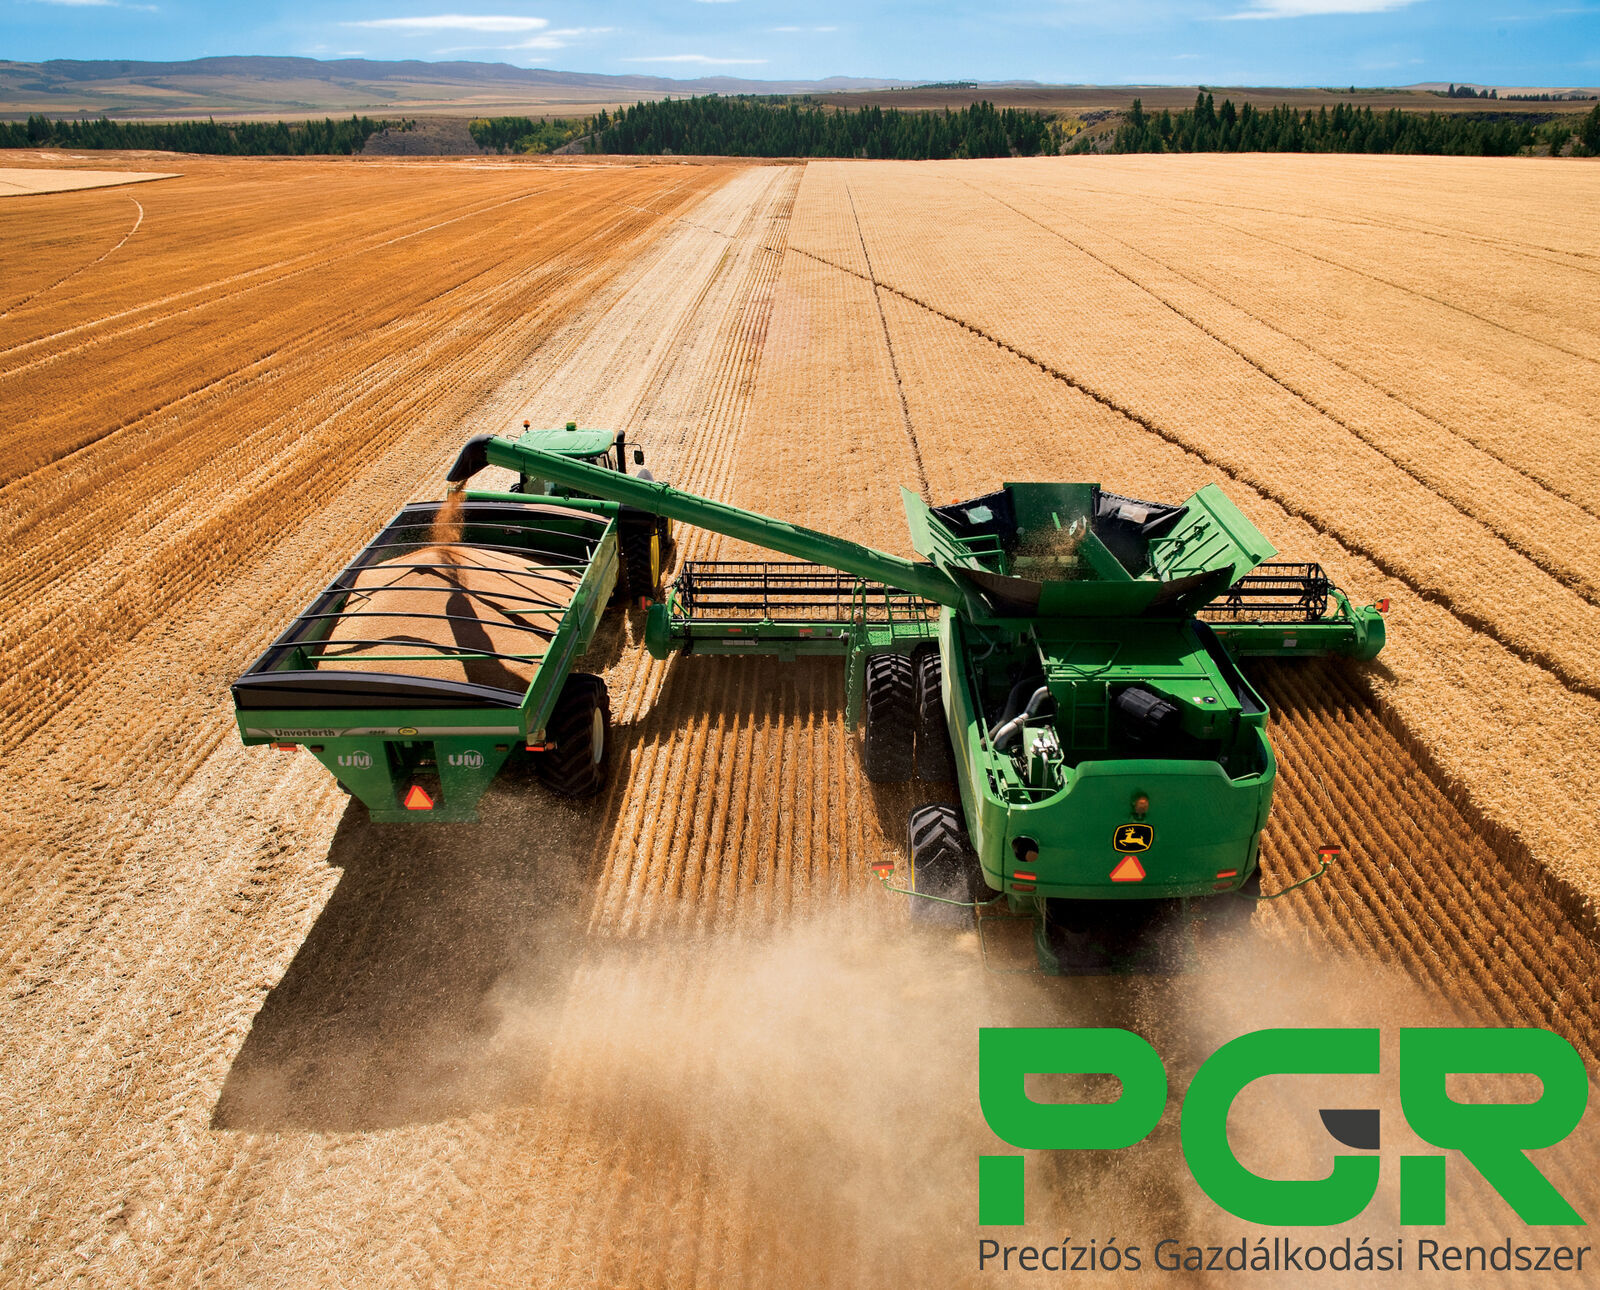 Hétmilliárd forintra nőtt a mezőgazdasági biztosítási díjtámogatás kerete